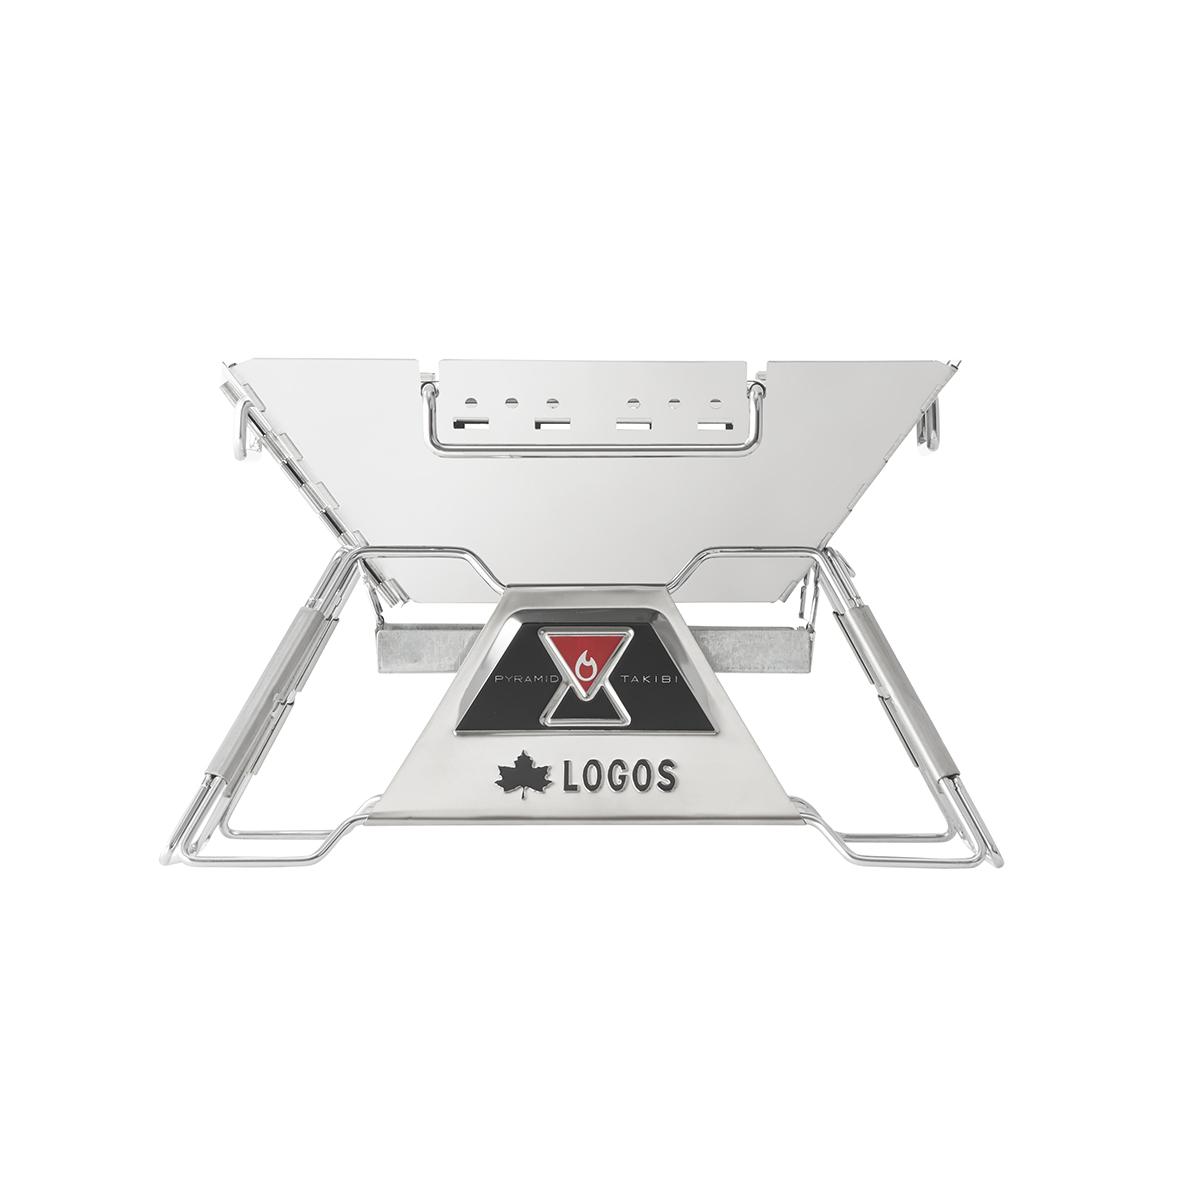 ◎ロゴス 81064163・LOGOS the ピラミッドTAKIBI M